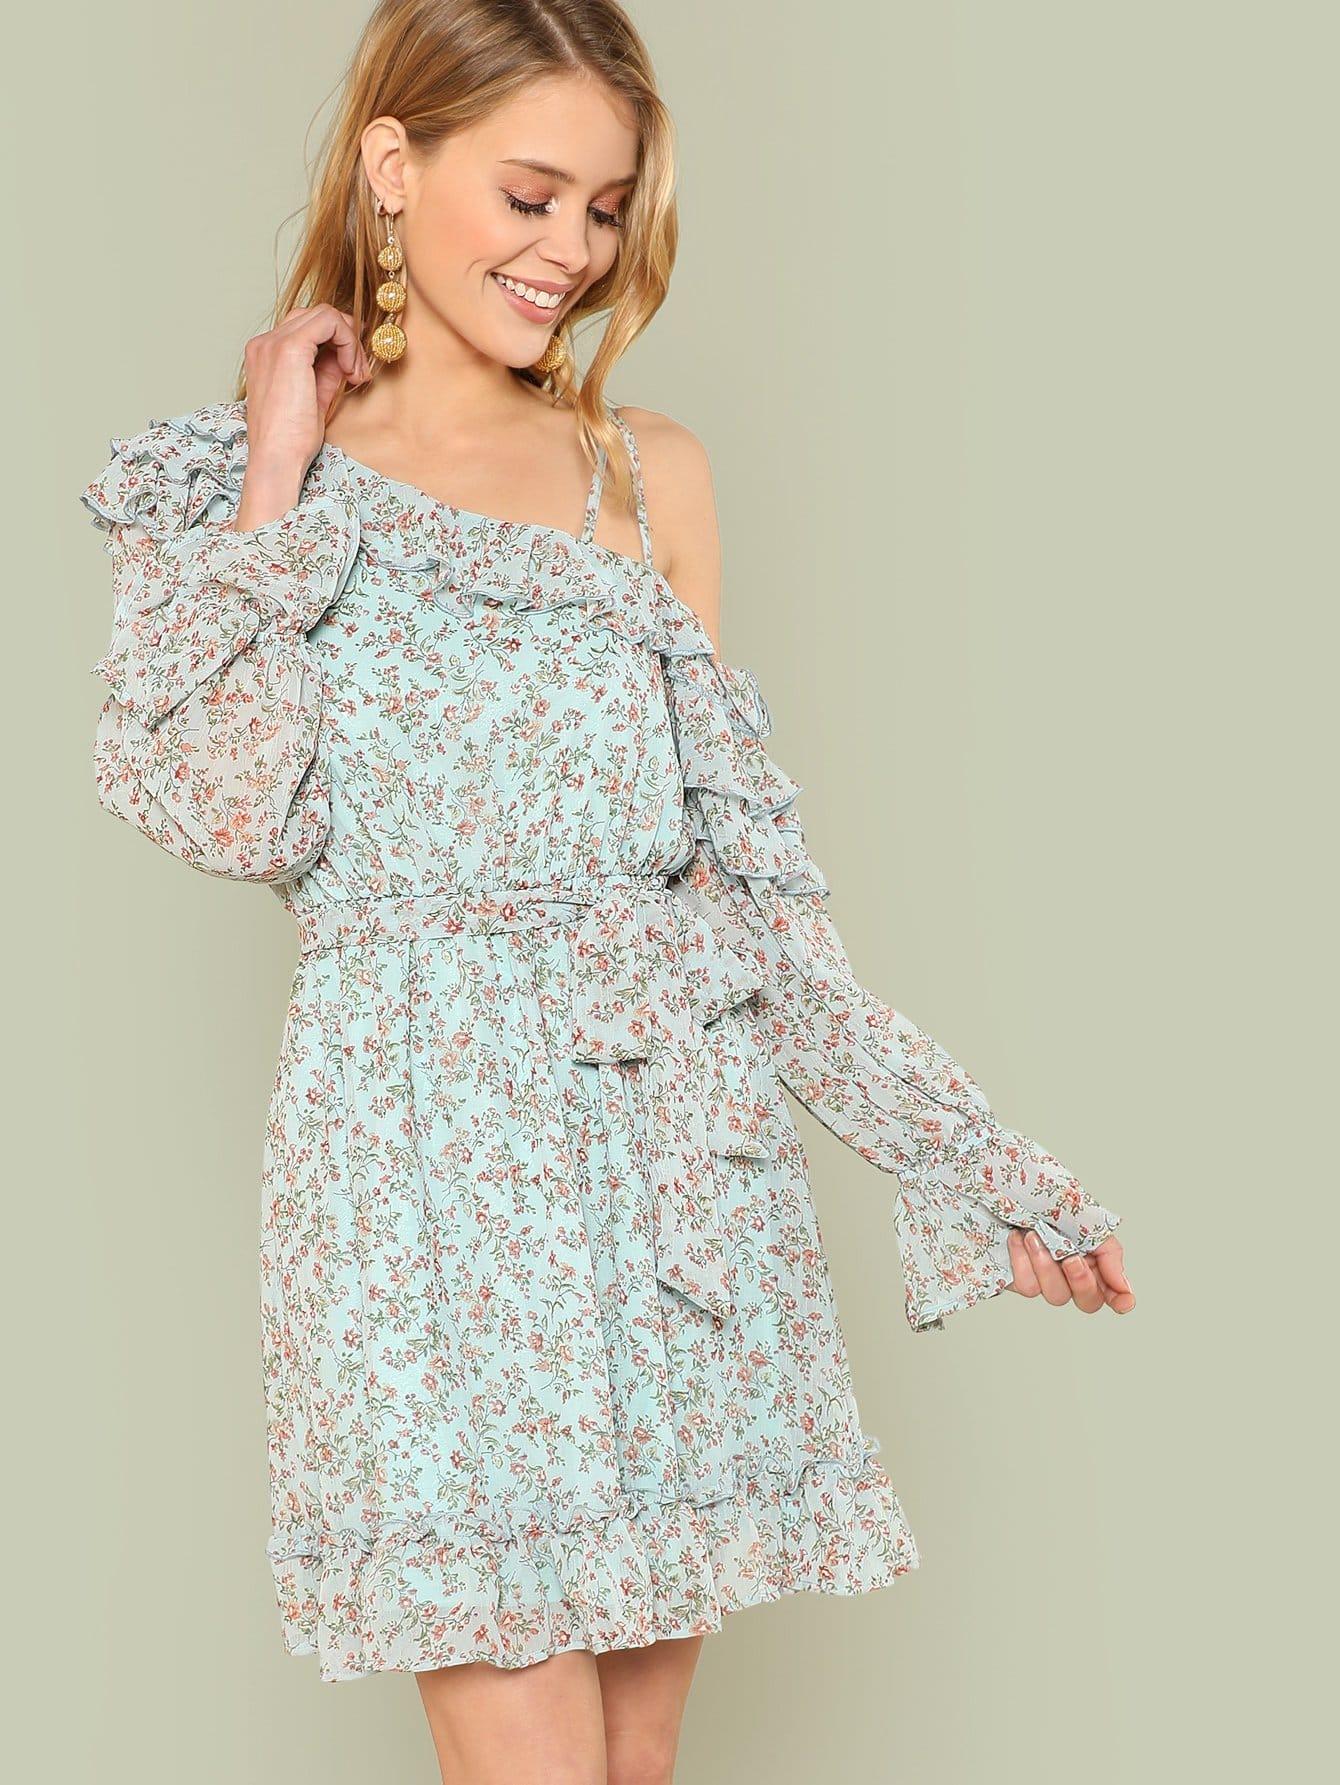 Купить Платье с оборками и принтом, Allie Leggett, SheIn